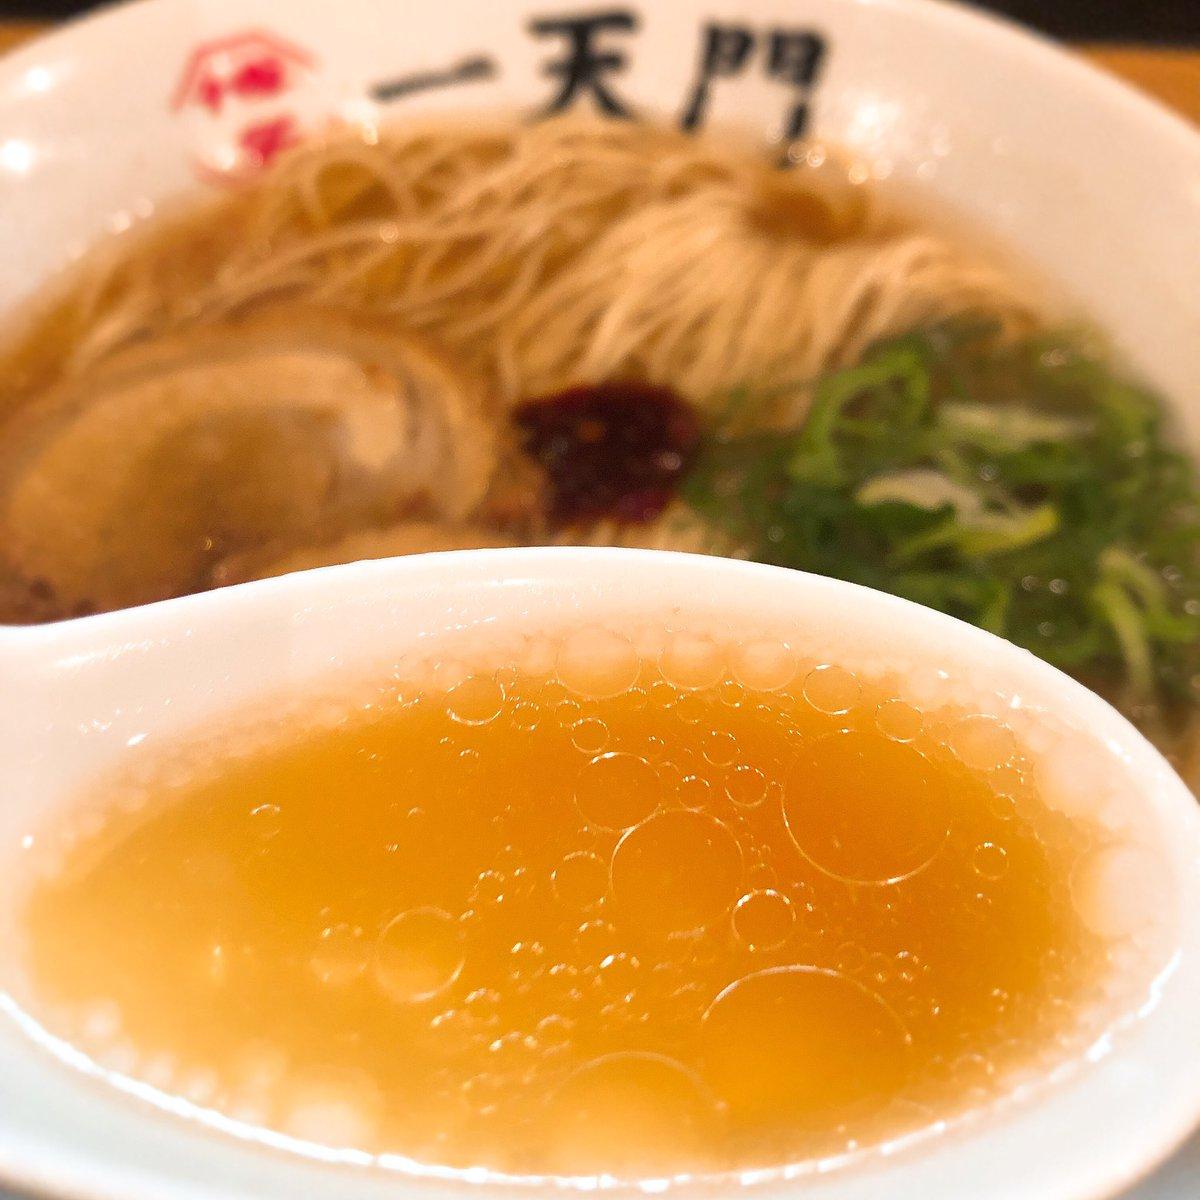 【一天門】  和風とんこつラーメン🍜 あっさりとんこつスープに辛味ダレの相性が抜群‼️‼️福岡であっさりラーメンが食べたい気分の時にはオススメ🙆♂️  #福岡グルメ